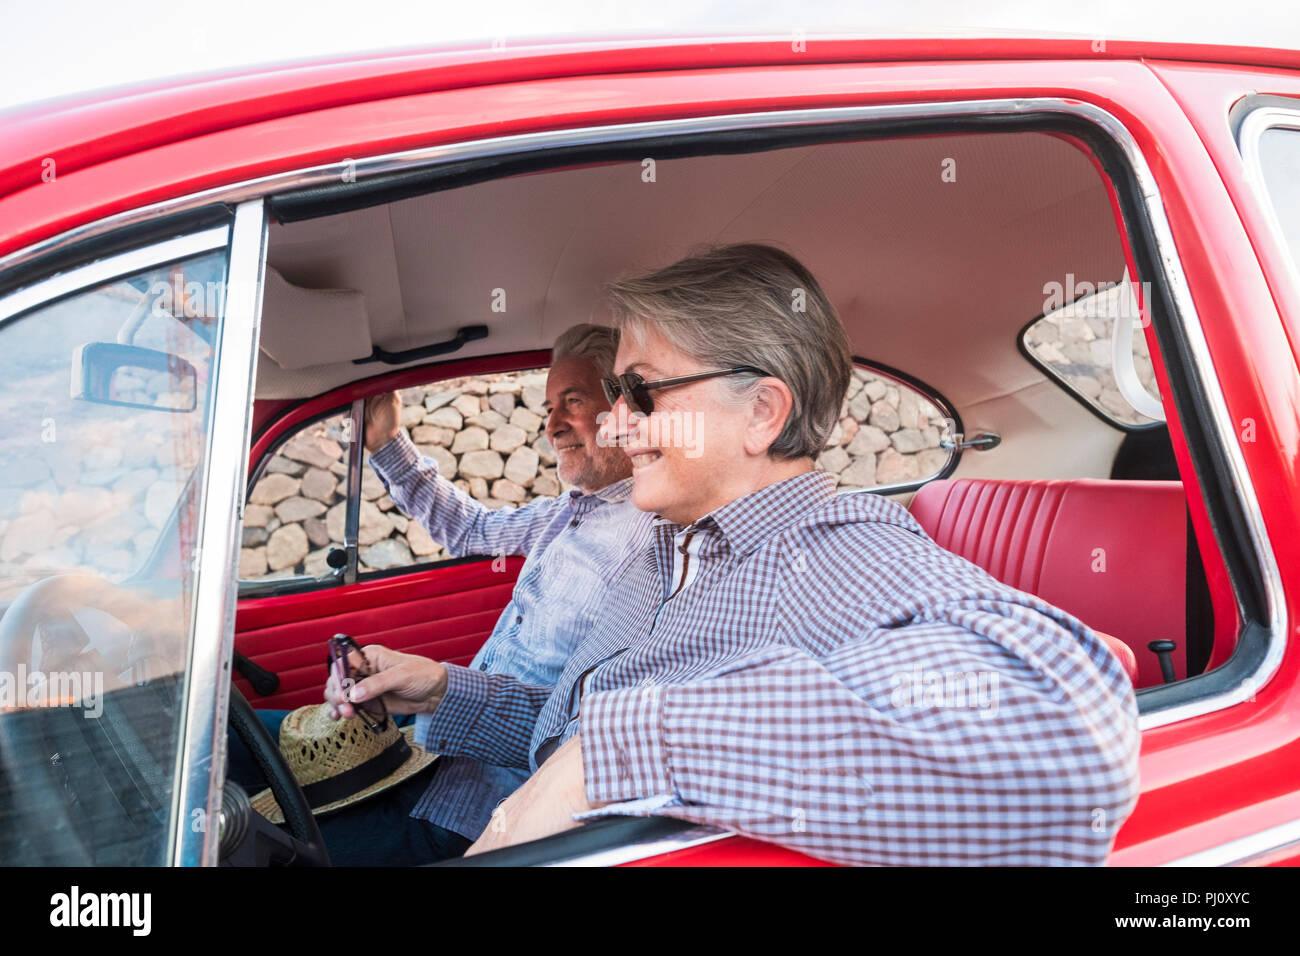 Joli couple hug et de l'amour à l'intérieur d'un vieux millésime rouge voiture garée sur la route. sourit et s'amuser voyageant ensemble. Le bonheur et le mode de vie pour le ni Photo Stock